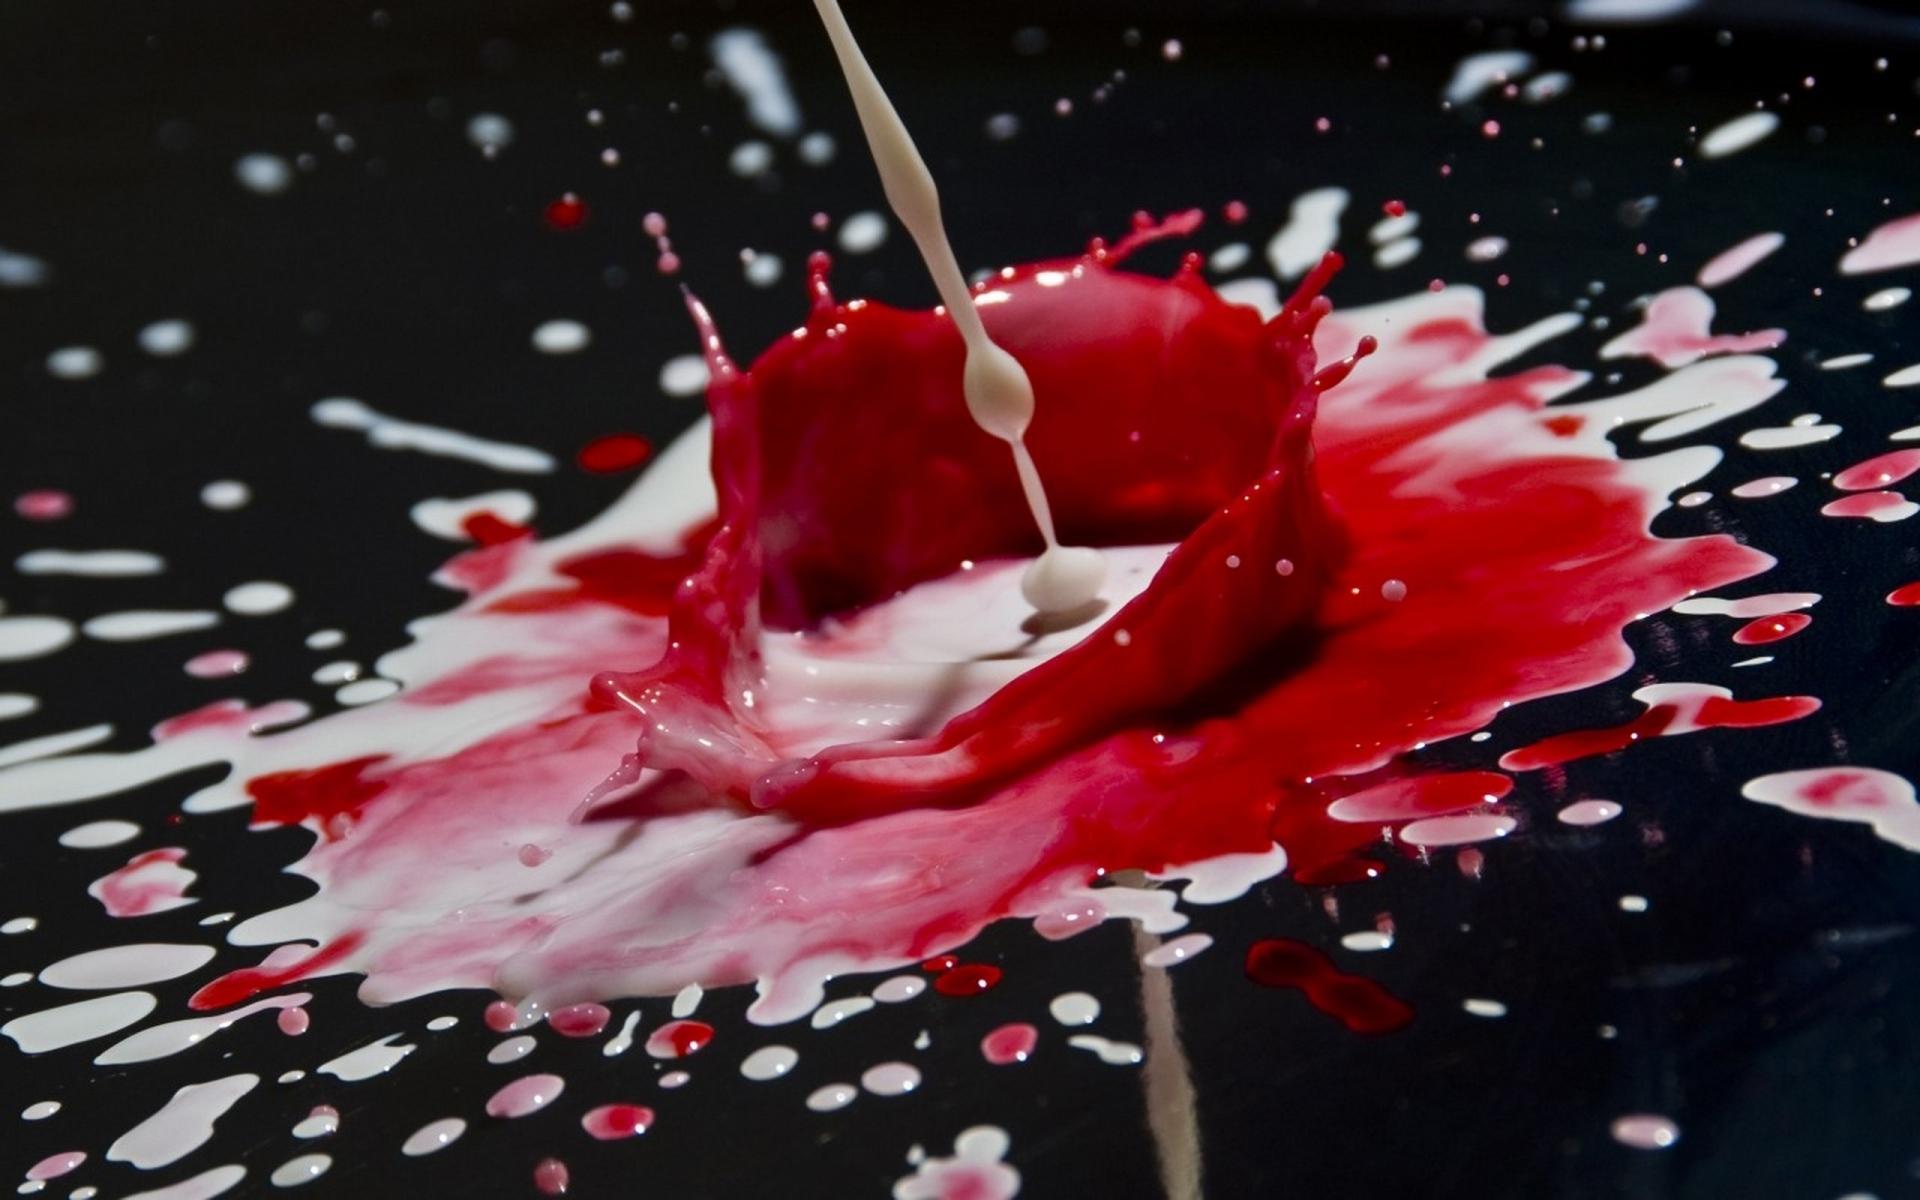 картинки на телефон кровавые капли